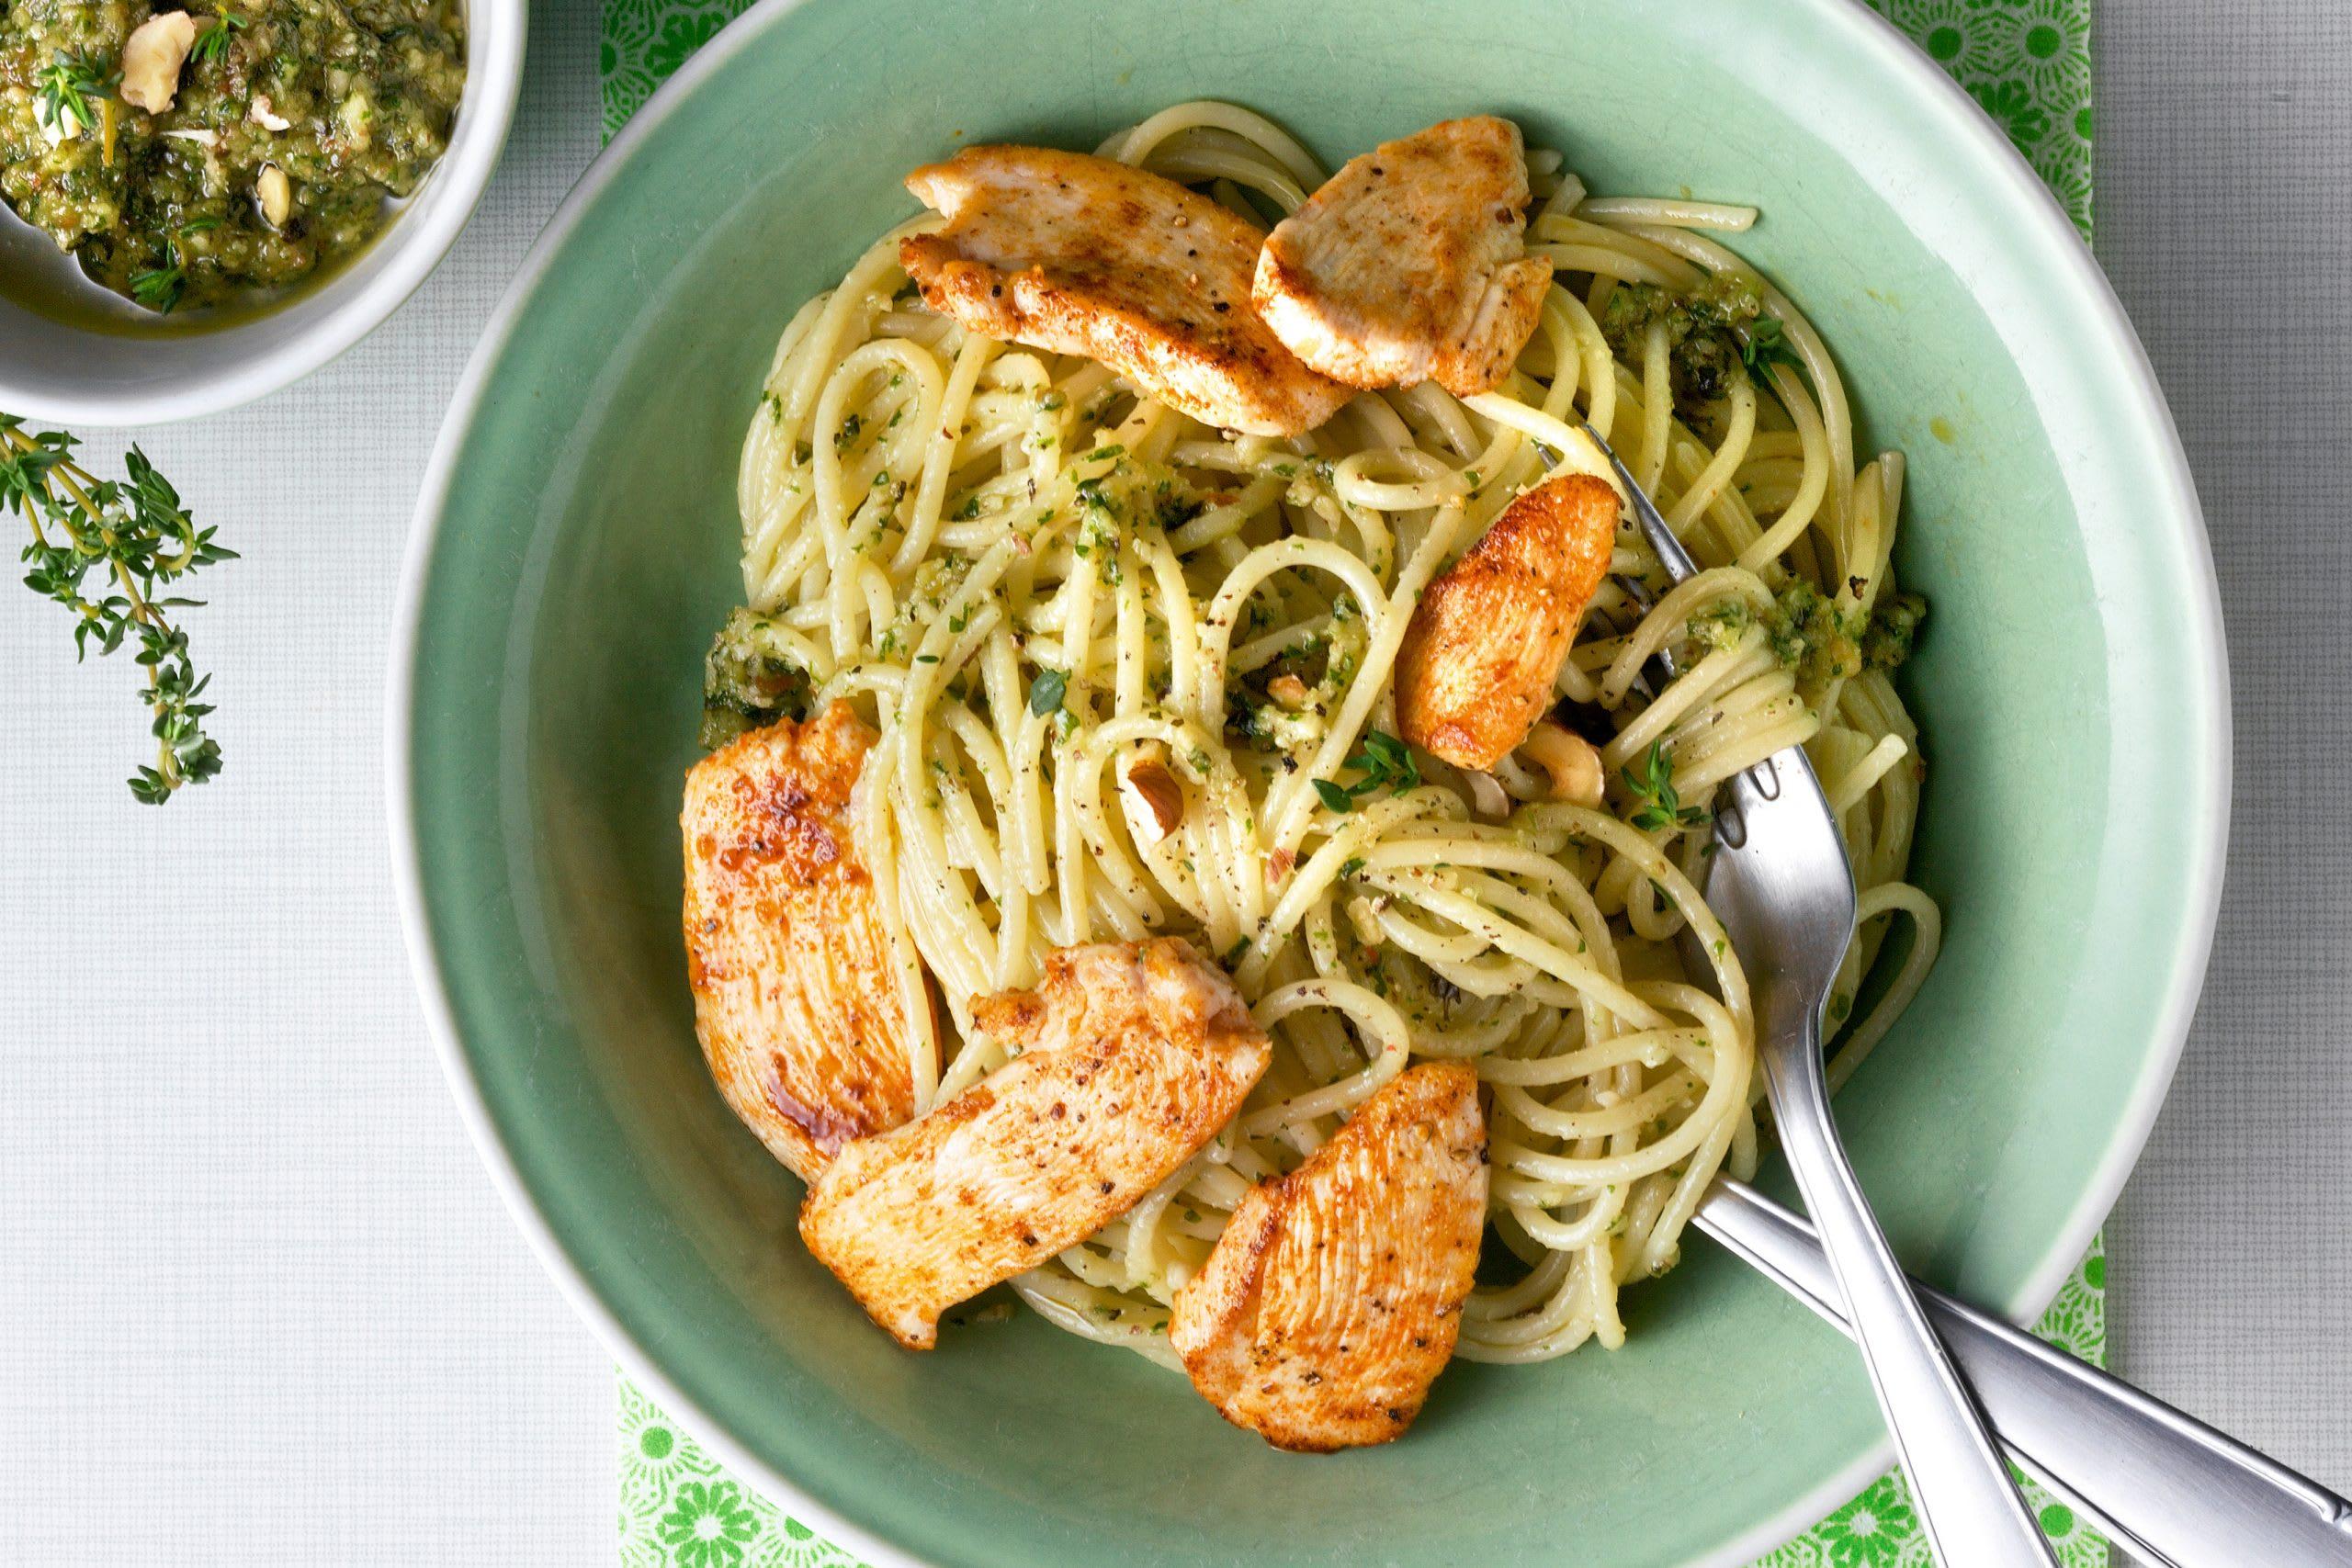 Spaghetti au pesto aux herbes et aux noisettes et poulet